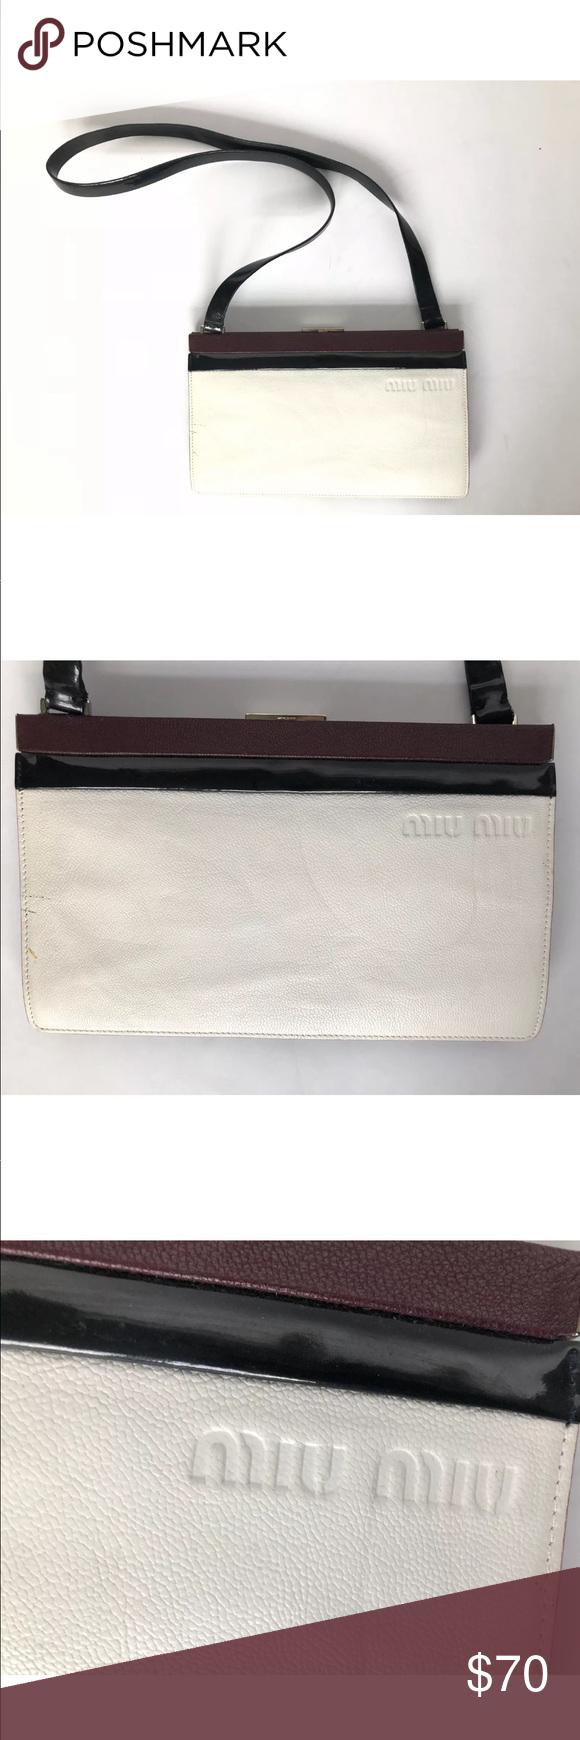 Miu Miu Made in Italy Clutch Purse Shoulder Bag Miu Miu Italy Vintage  Clutch White Burgundy Red Black Silver Purse Perforated Brand  Miu Miu  Size  small ... 614bcc4a18